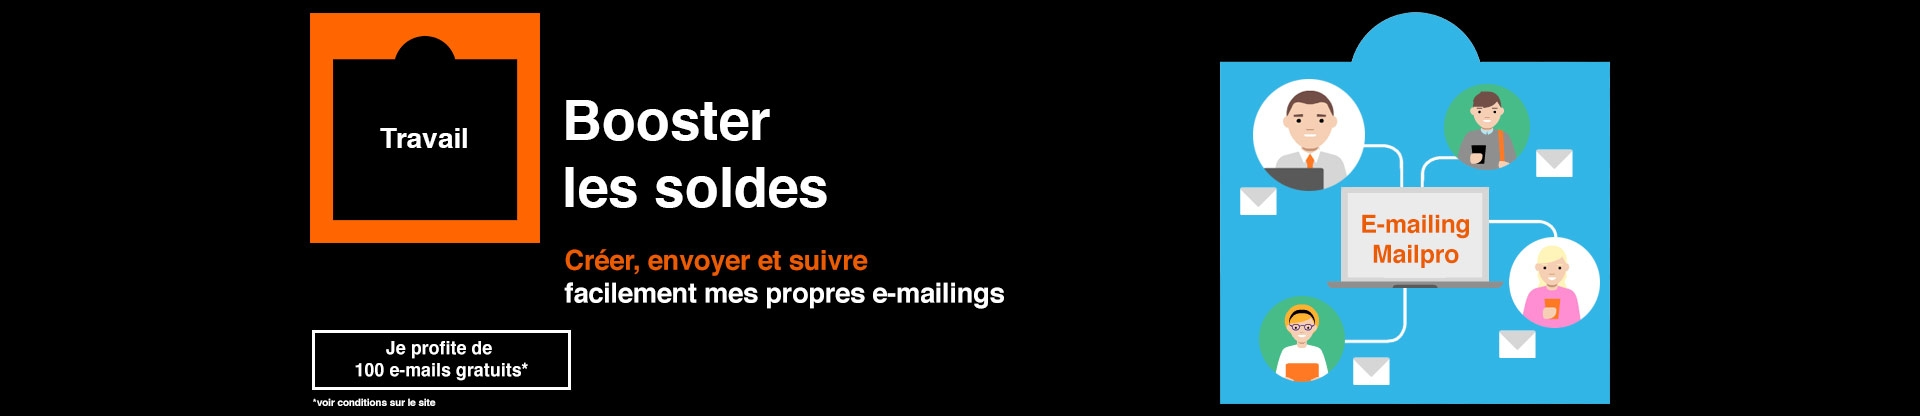 Envoyez des e-mailings avec Mailpro